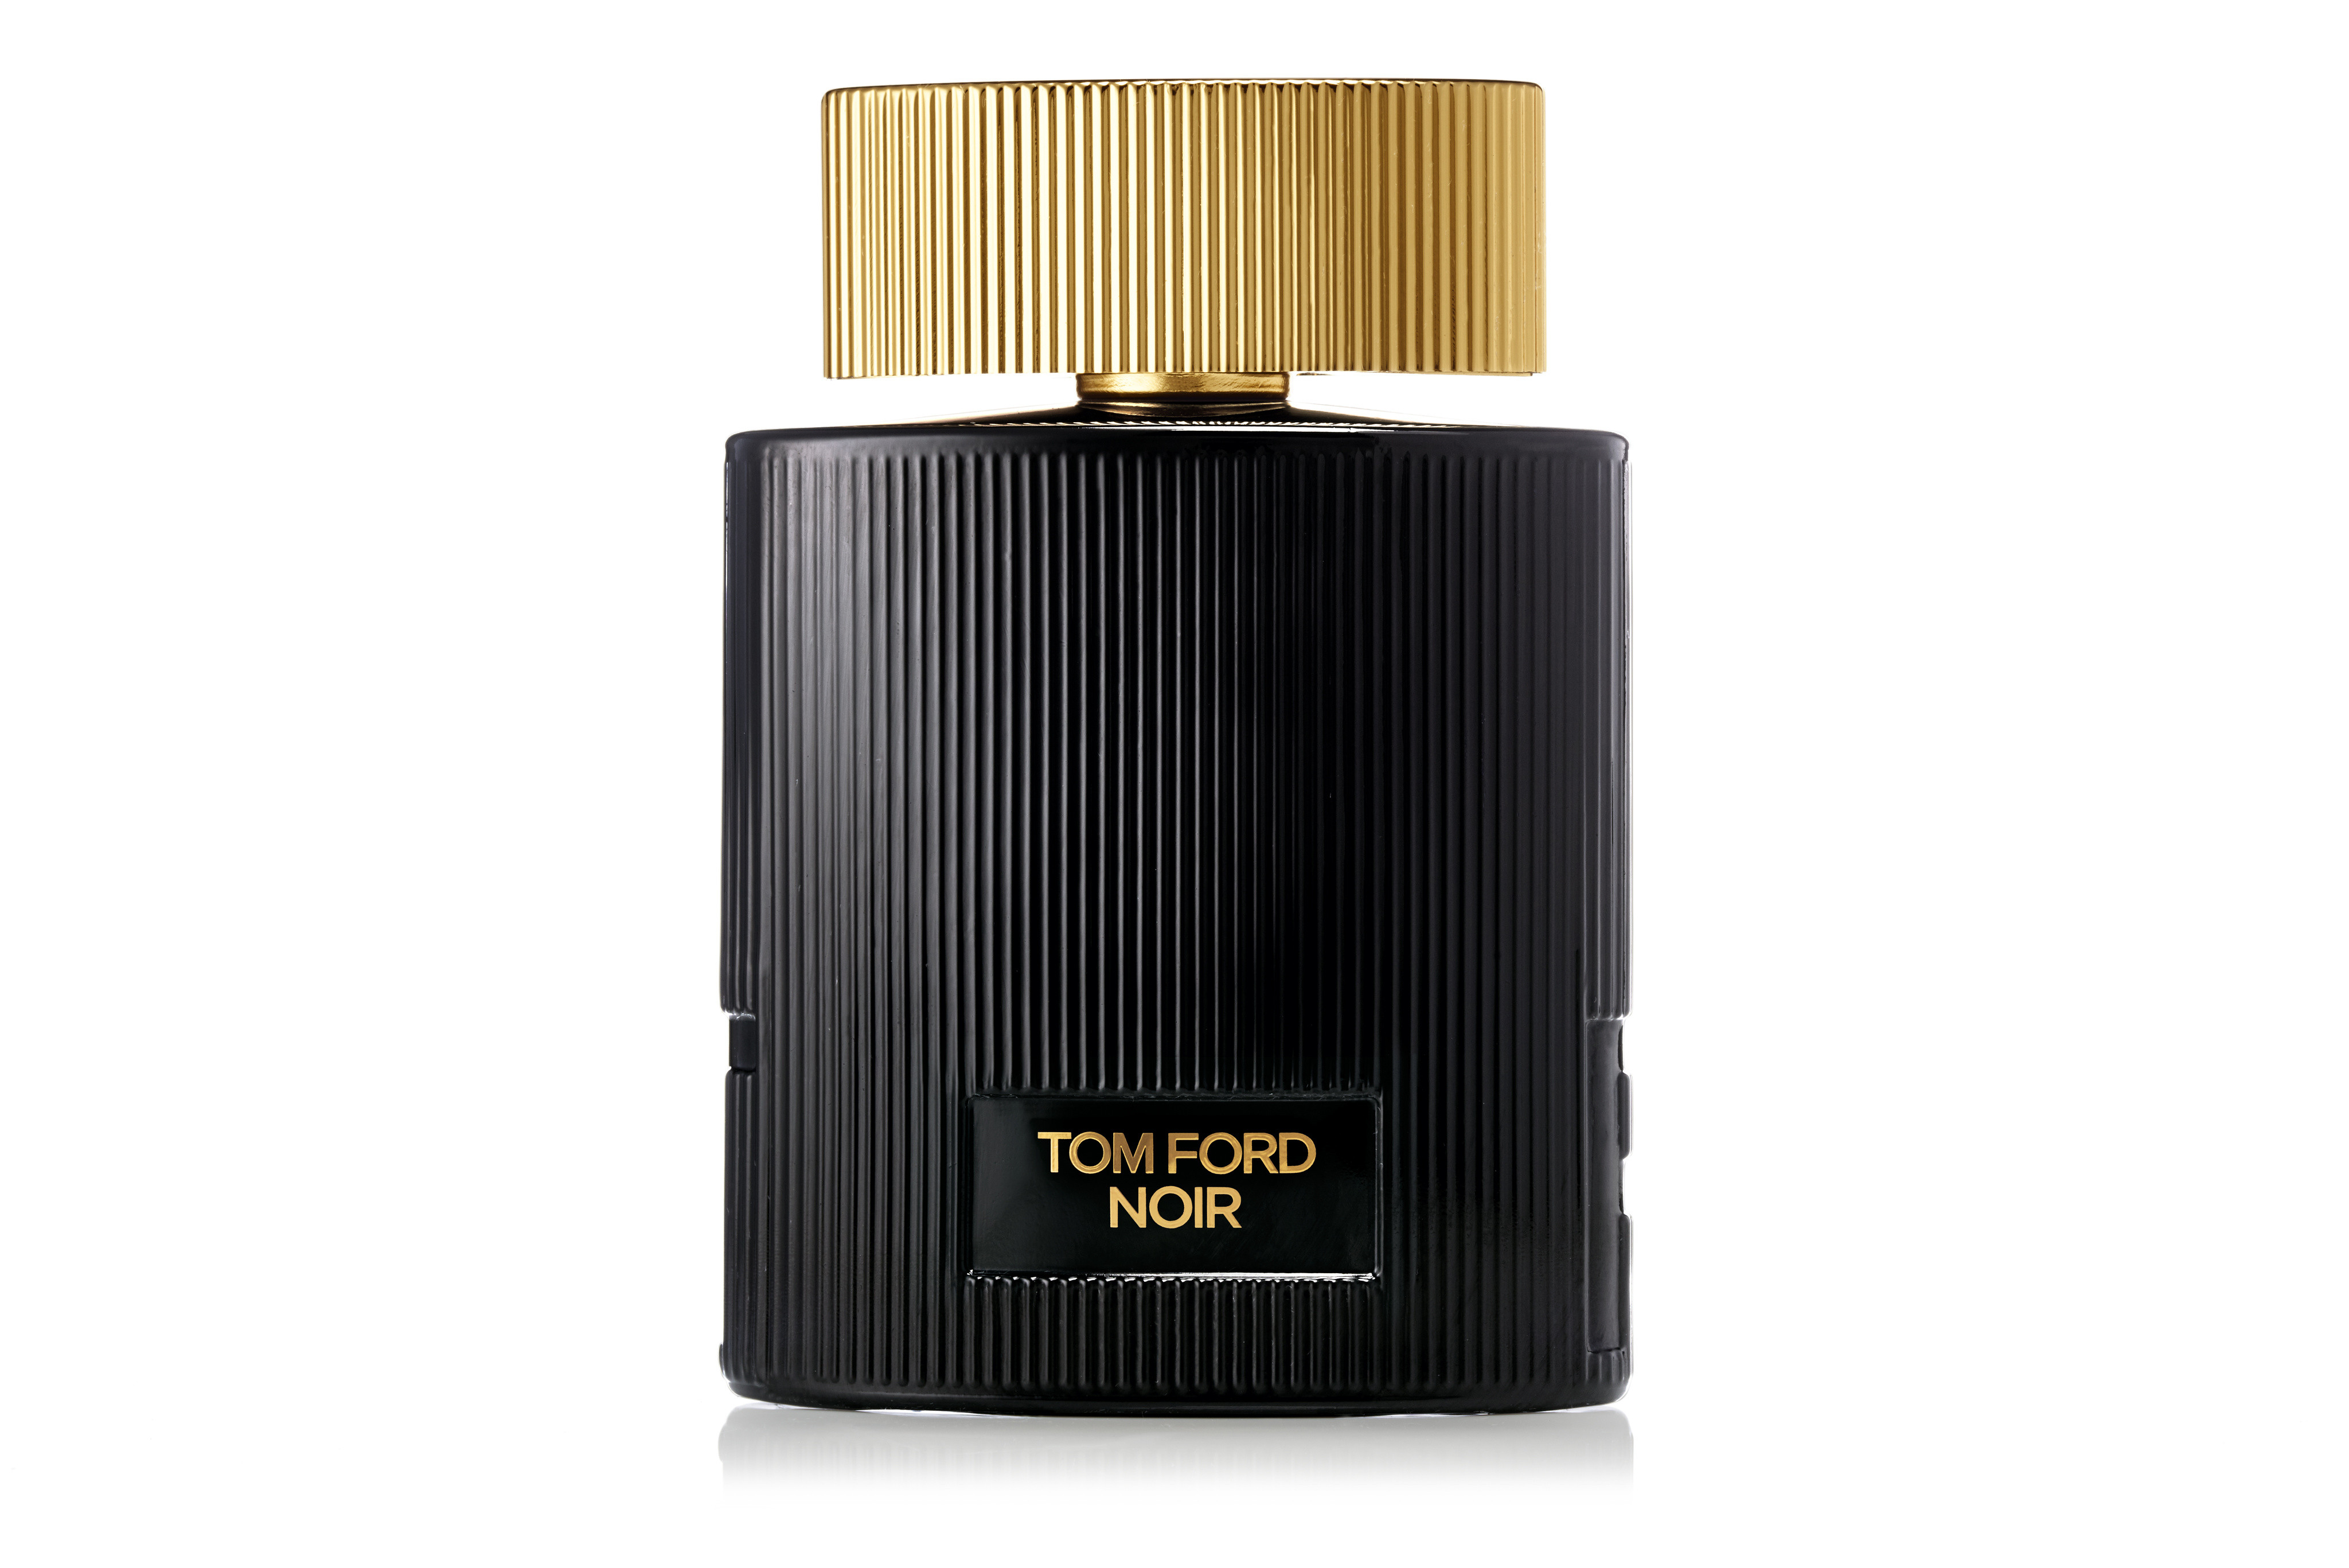 Tom Ford Noir pour femme 100 ml, Trasparente, large image number 0